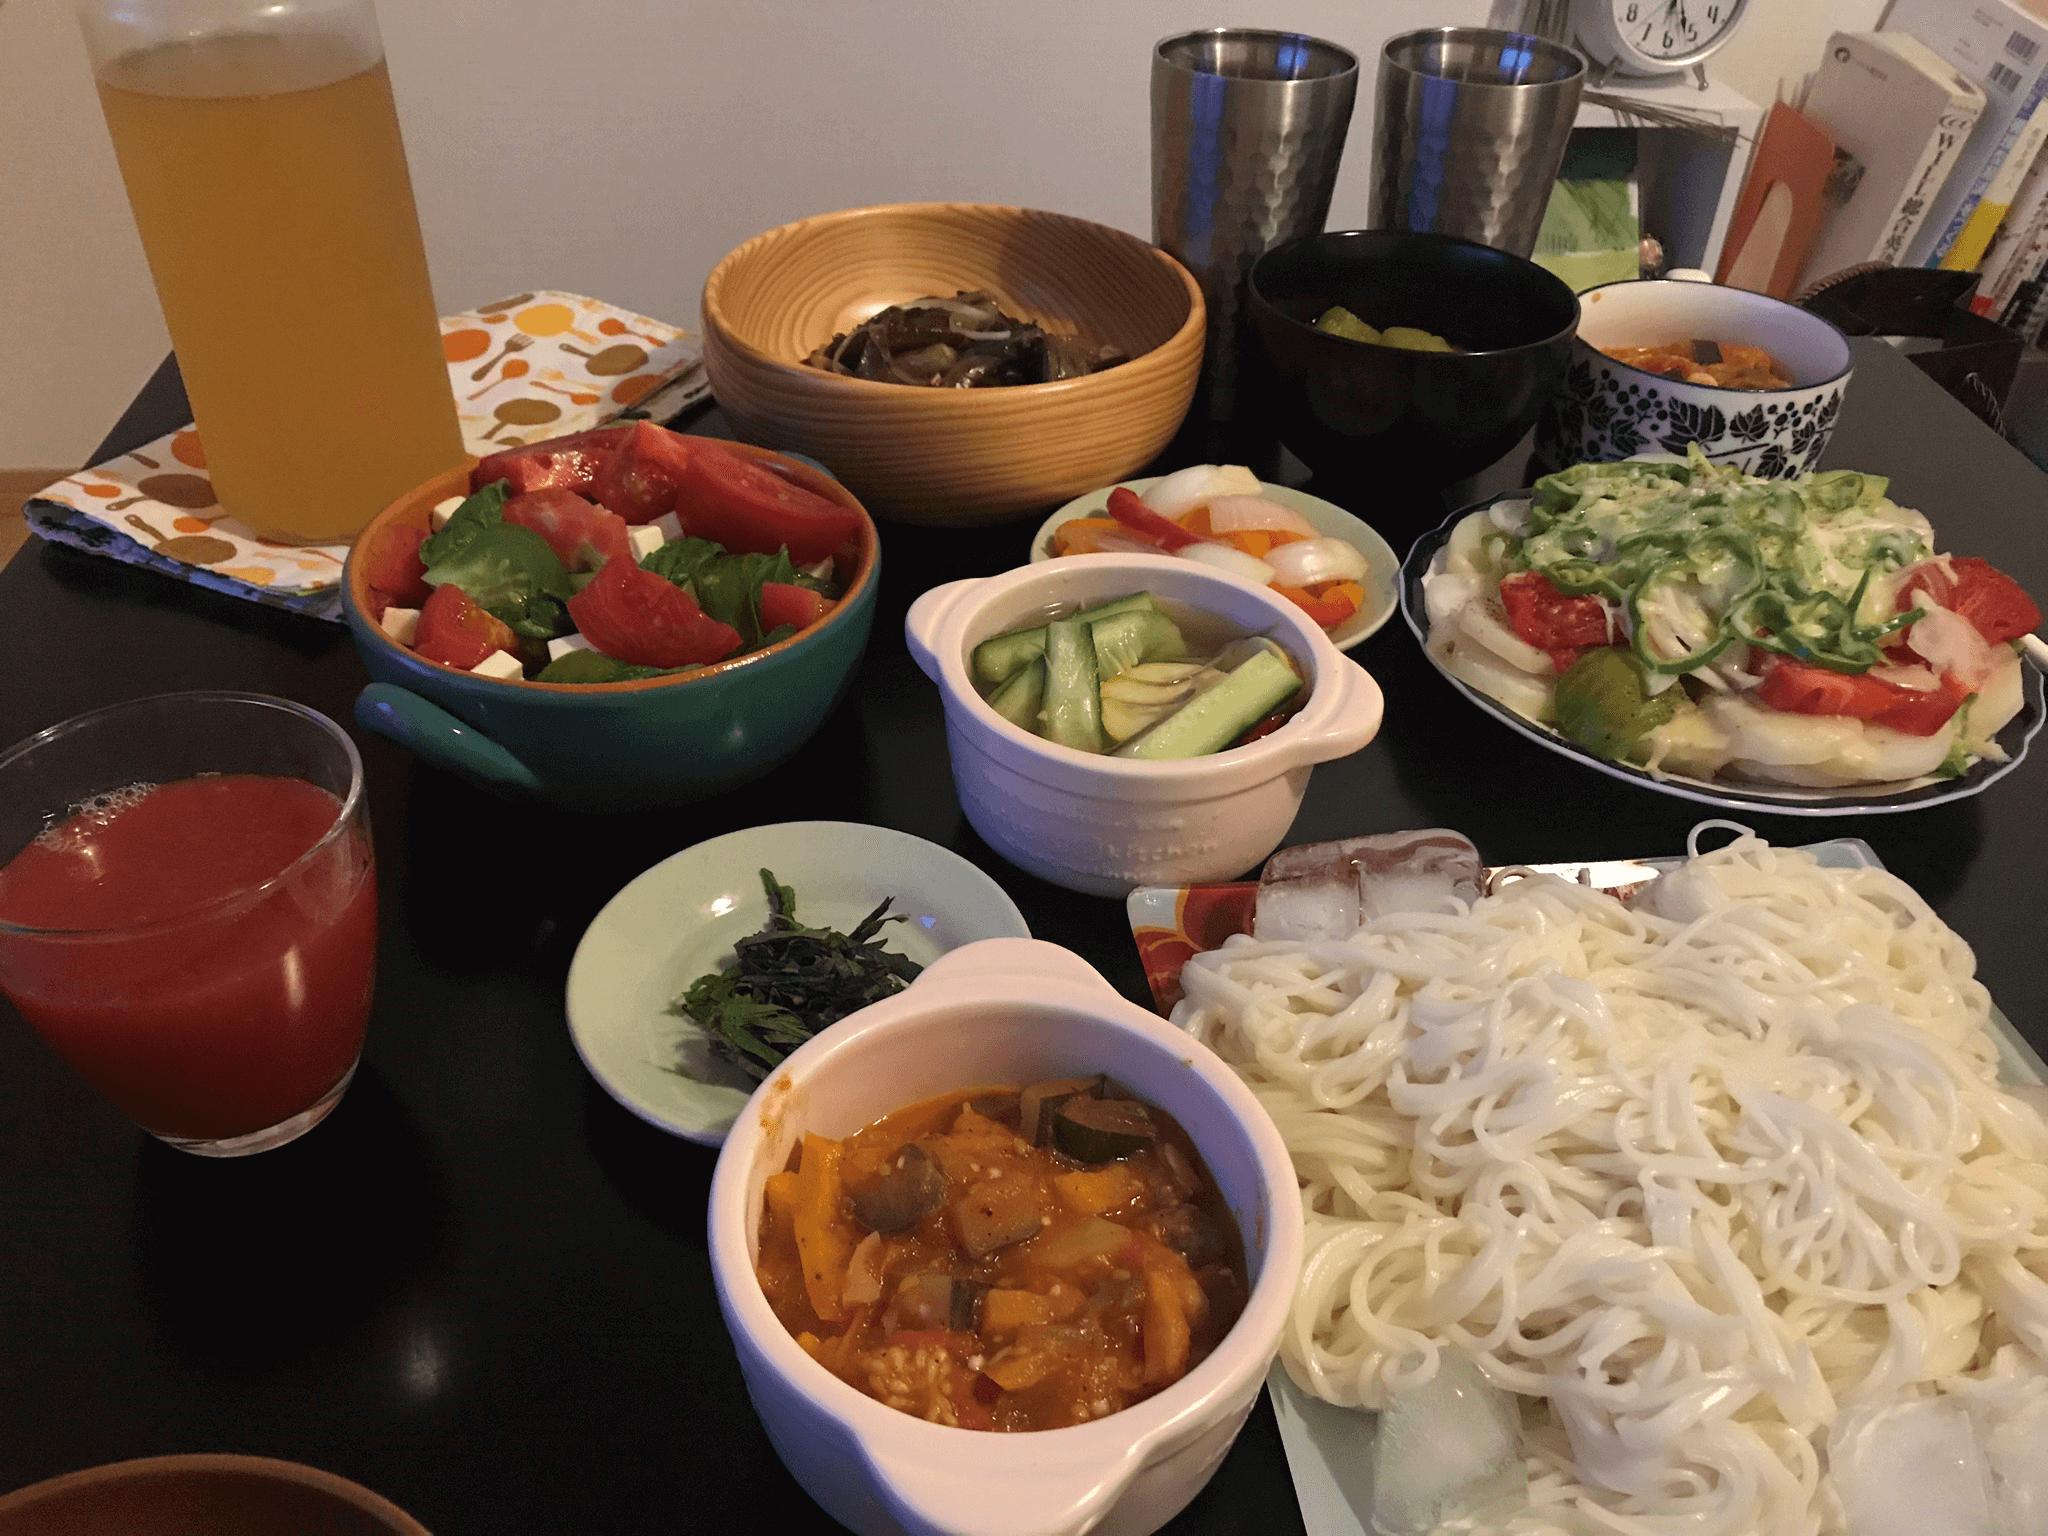 テーブルいっぱいの瑞穂ちゃんの手料理